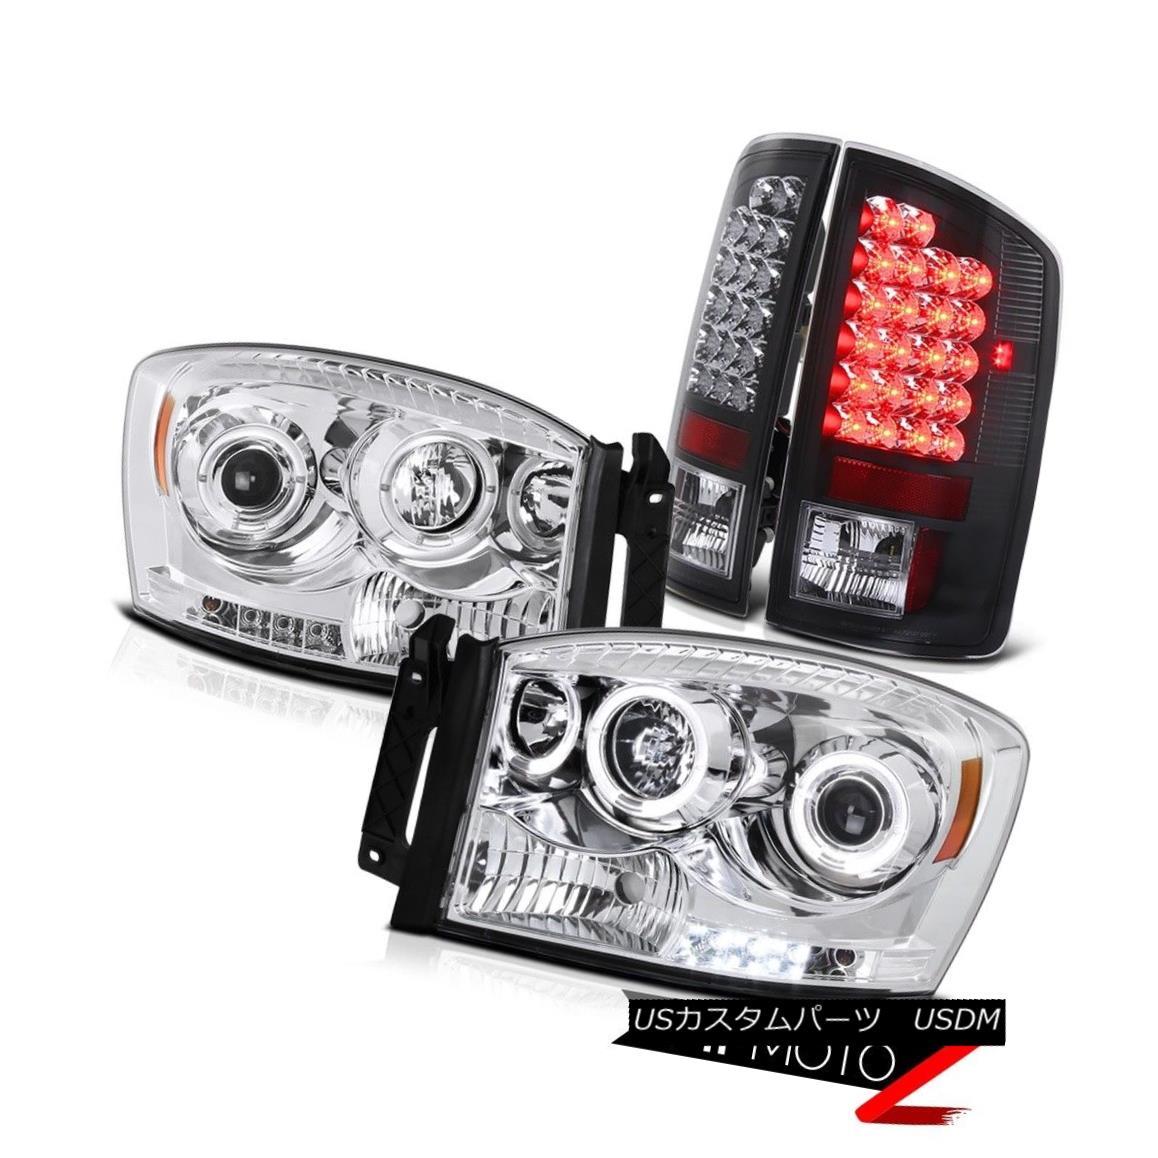 テールライト Dodge 2007-08 RAM Left+Right Chrome Halo Projector Headlight+Black LED Taillight Dodge 2007-08 RAM Left + Right Chrome Haloプロジェクターヘッドライト+ Blac k LEDテールライト